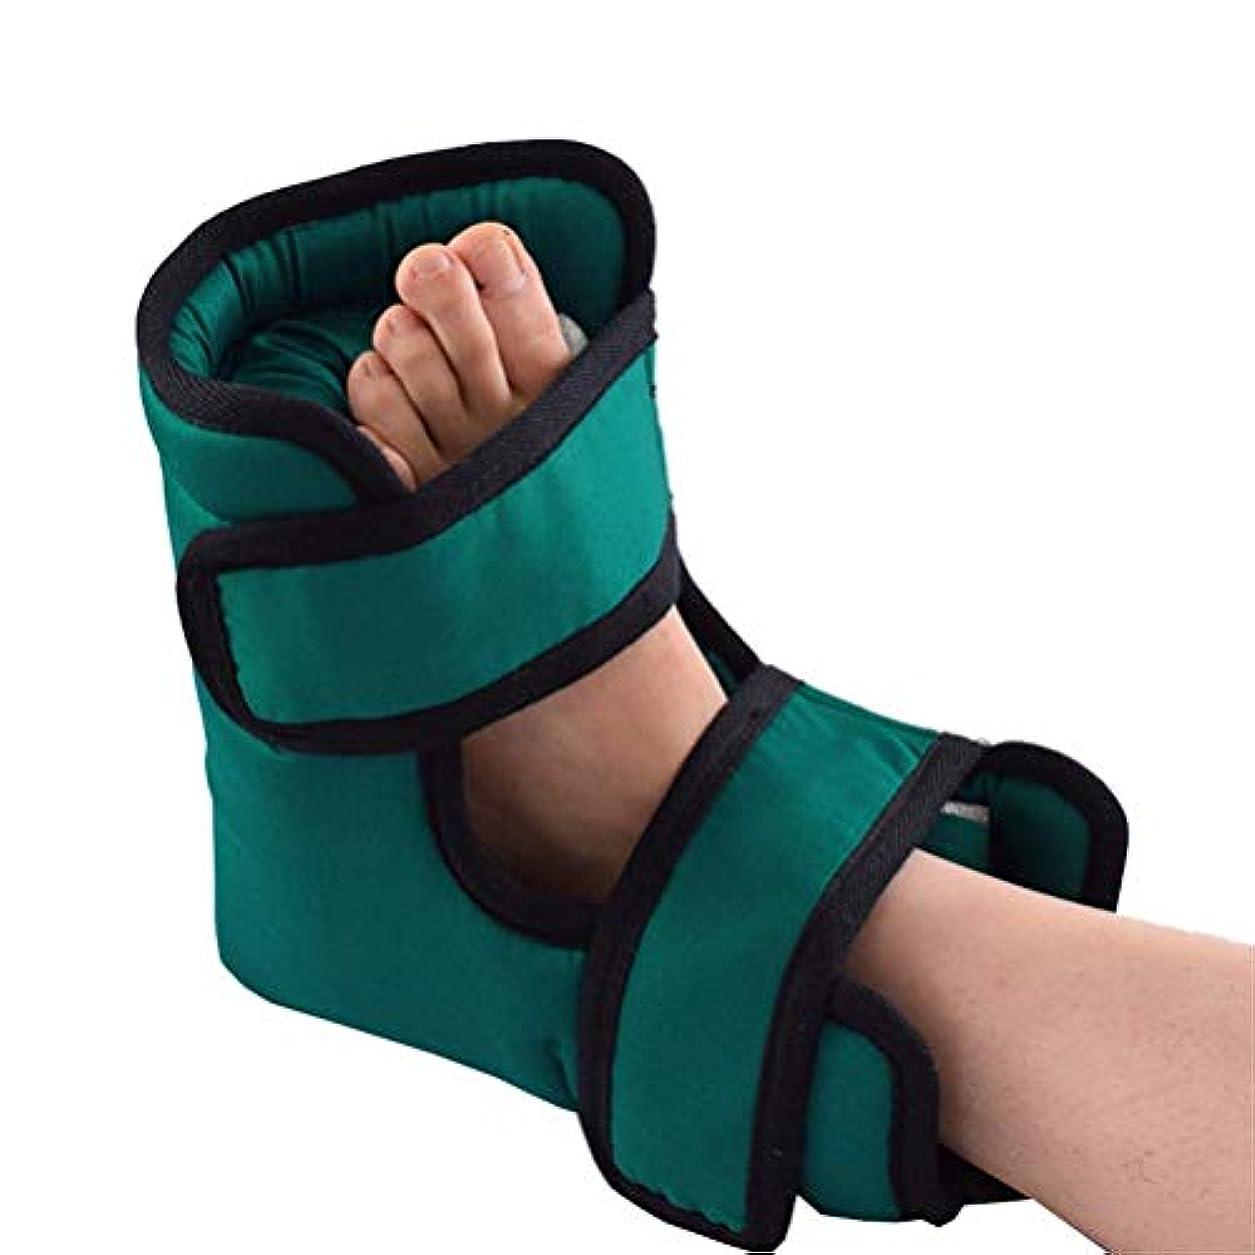 行頑張る抗褥瘡 ヒールクッション - 圧力緩和ヒールプロテクター - 褥瘡と腱の残りのための足首保護枕 - 1ペア